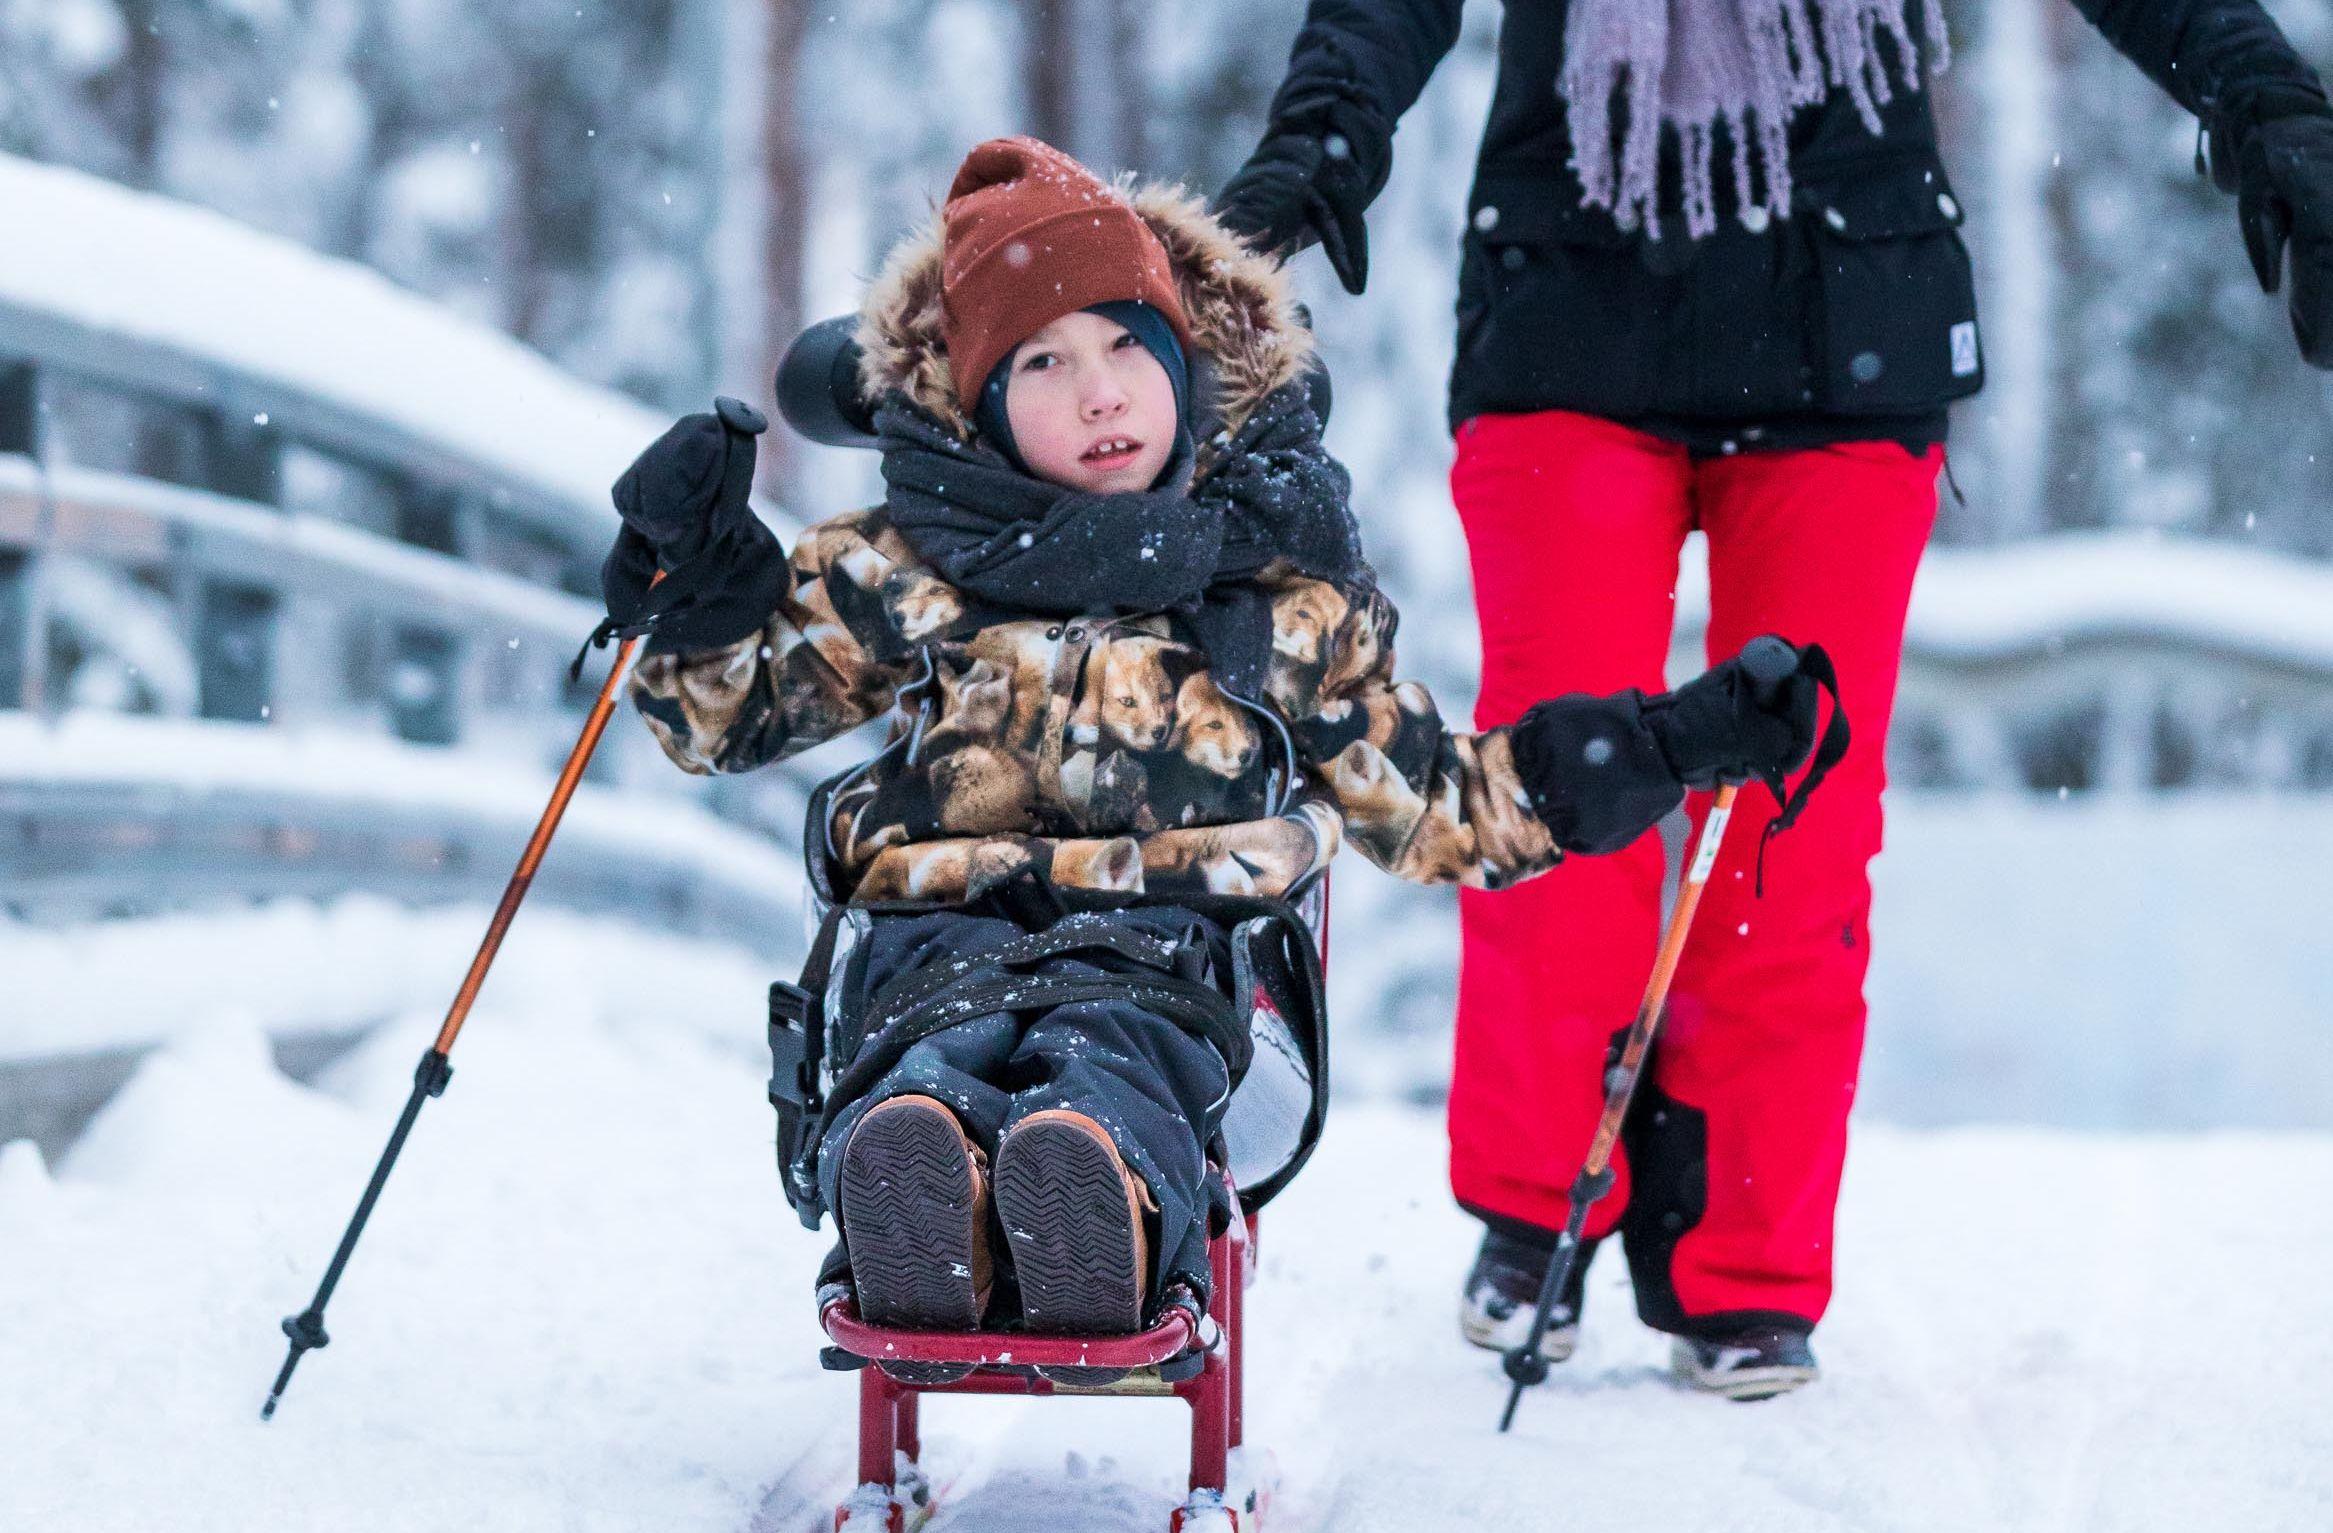 Poika hiihtää hiihto- ja luistelukelkalla istuen. Kelkassa on selkänoja ja niskatuki, jotka mahdollistavat vaikeasti vammaisen lapsen hyvän asennon kelkassa.